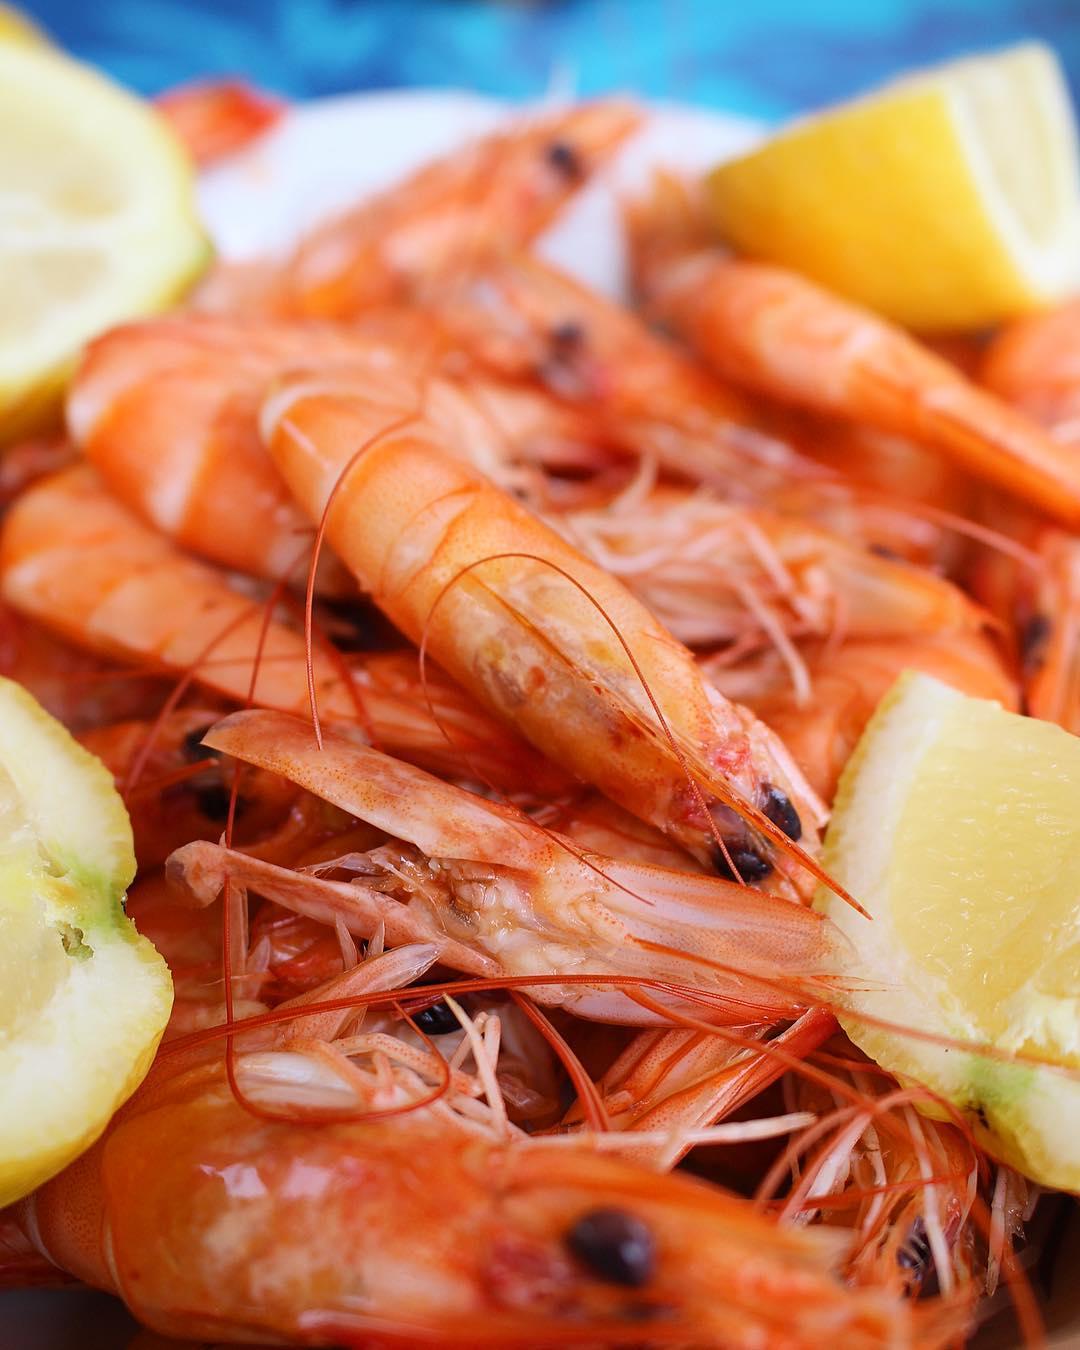 I ❤️? ... forever !! _________________ #food #fooding #foodlover #blogfood #foodblogger #crevettes #shrimps #montpellier #pintademontpellier